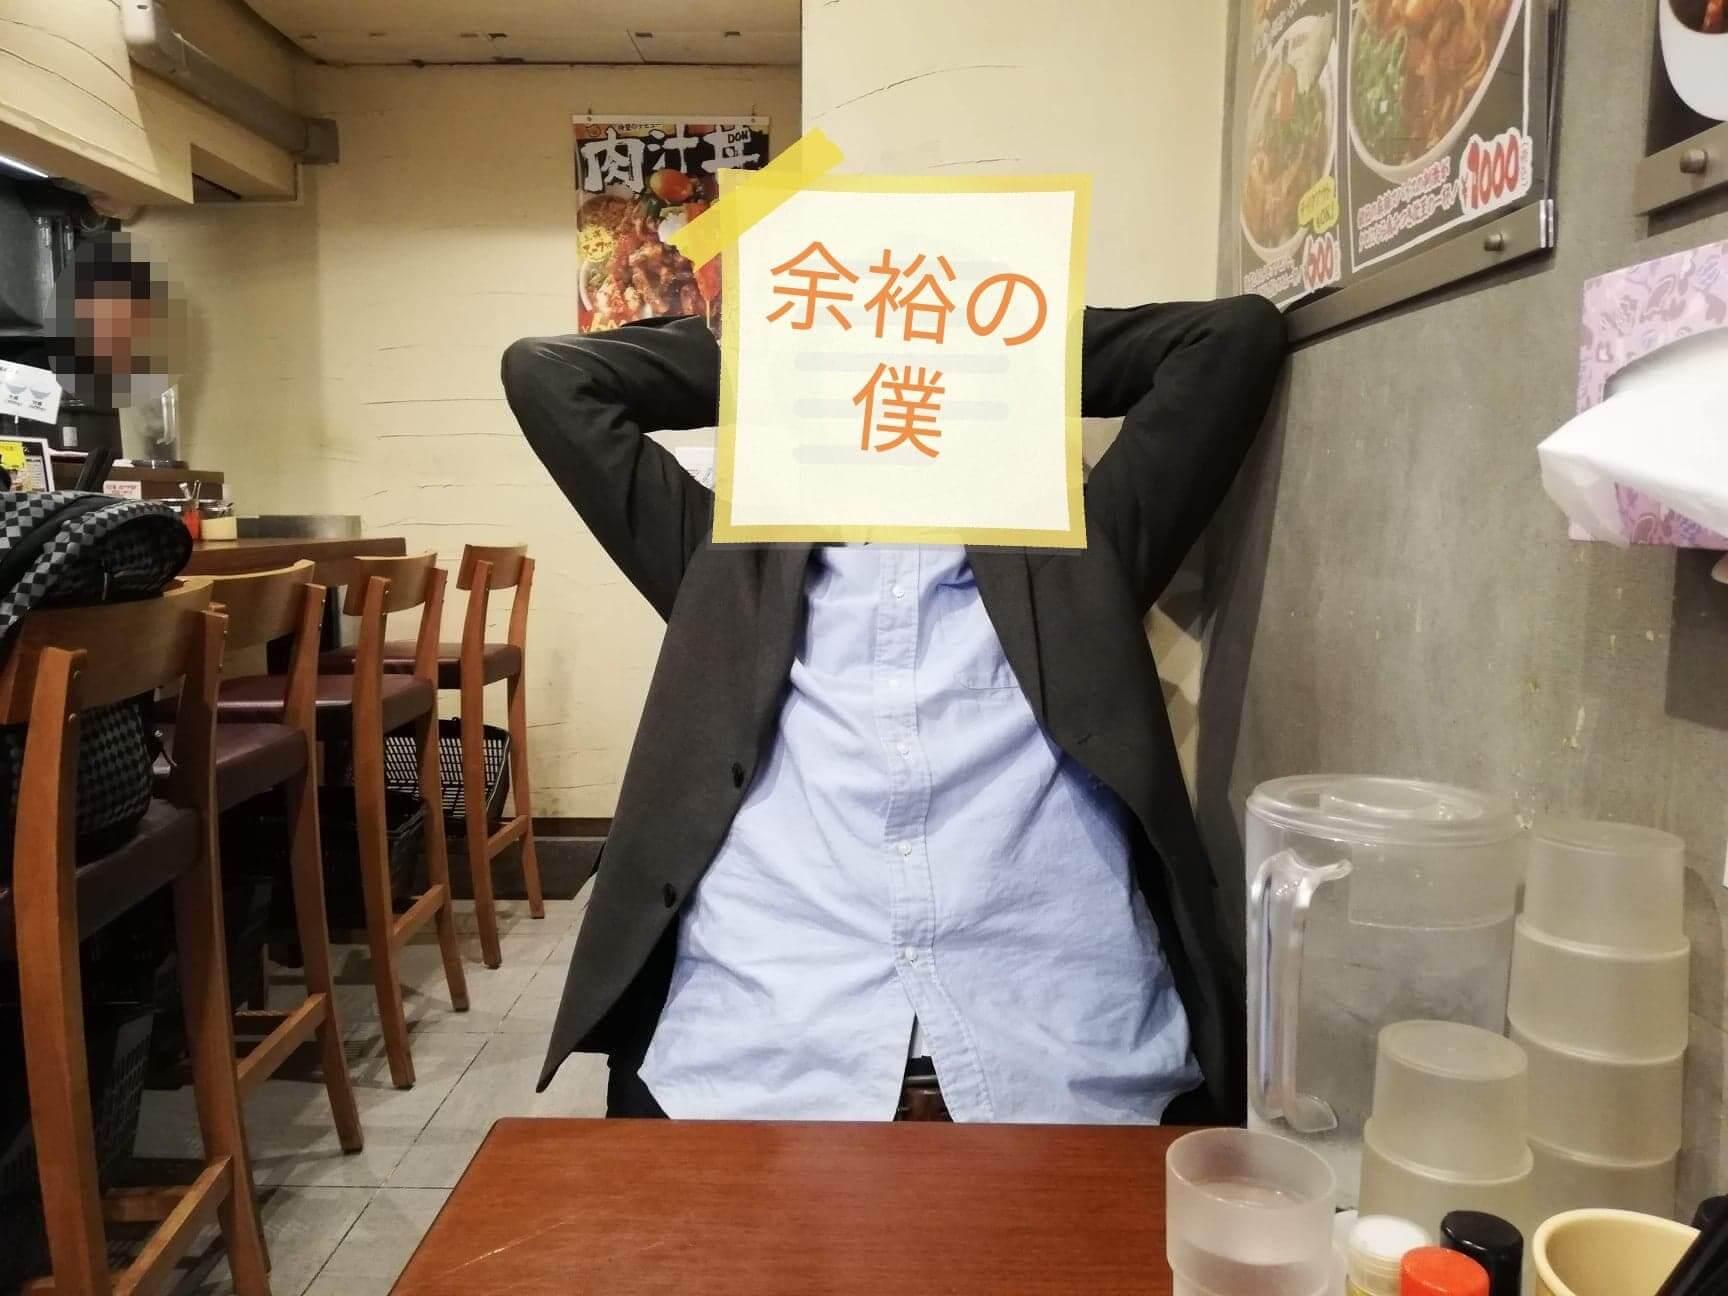 高田馬場『肉汁麺ススム』の肉汁丼の前でポーズをとる男性の写真